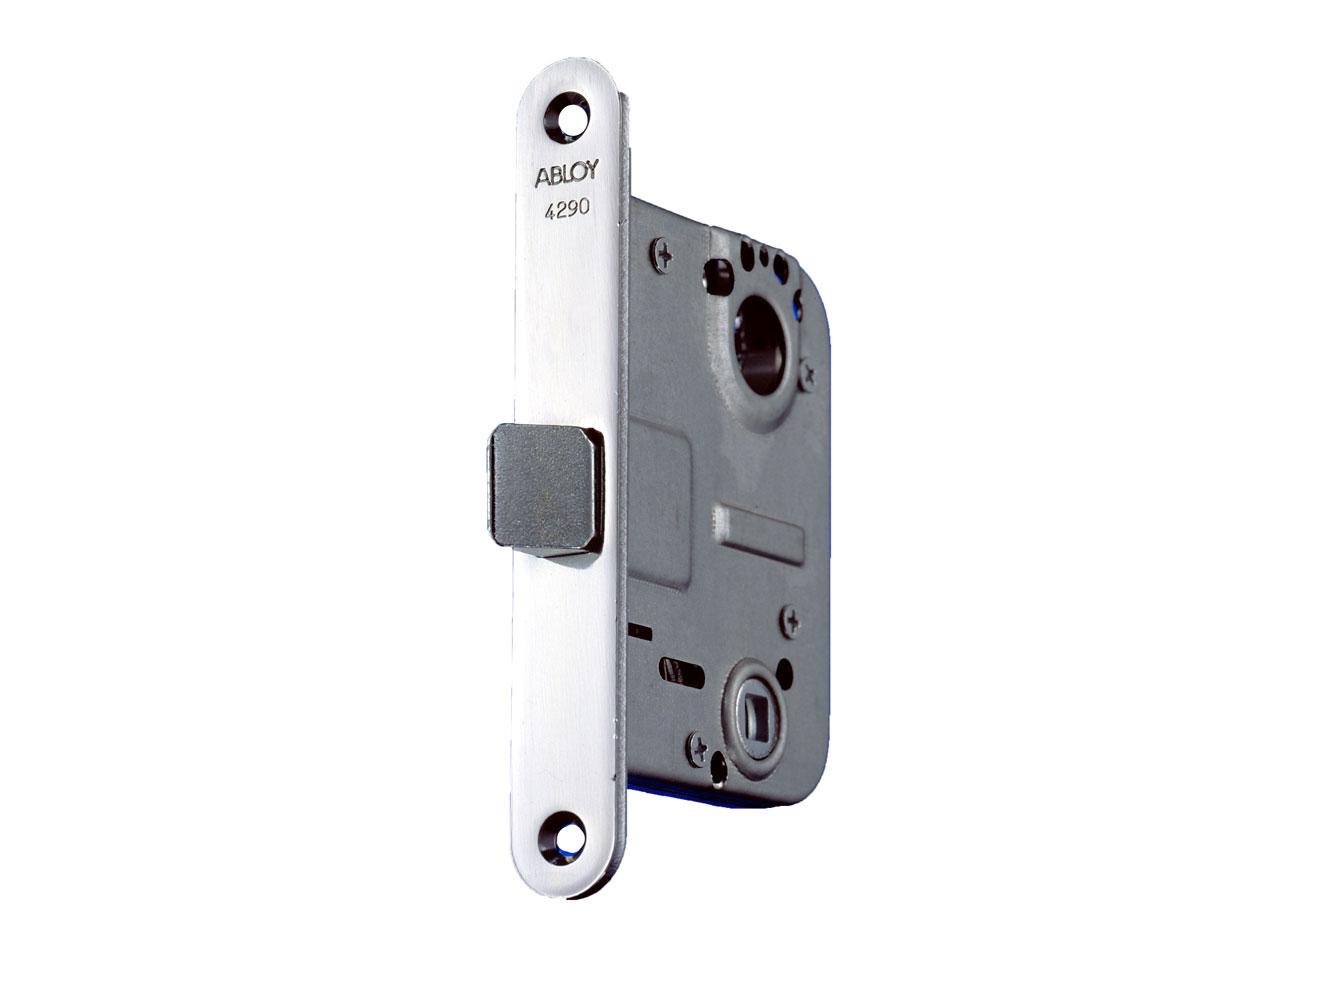 ABLOY 4290 корпус замка для сплошных дверей